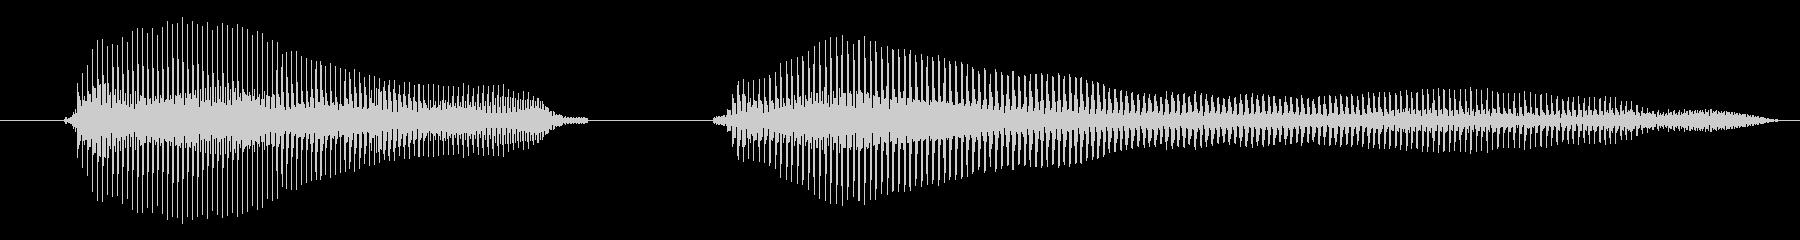 ばいばーい(子供)【ゲーム・アプリ終了】の未再生の波形